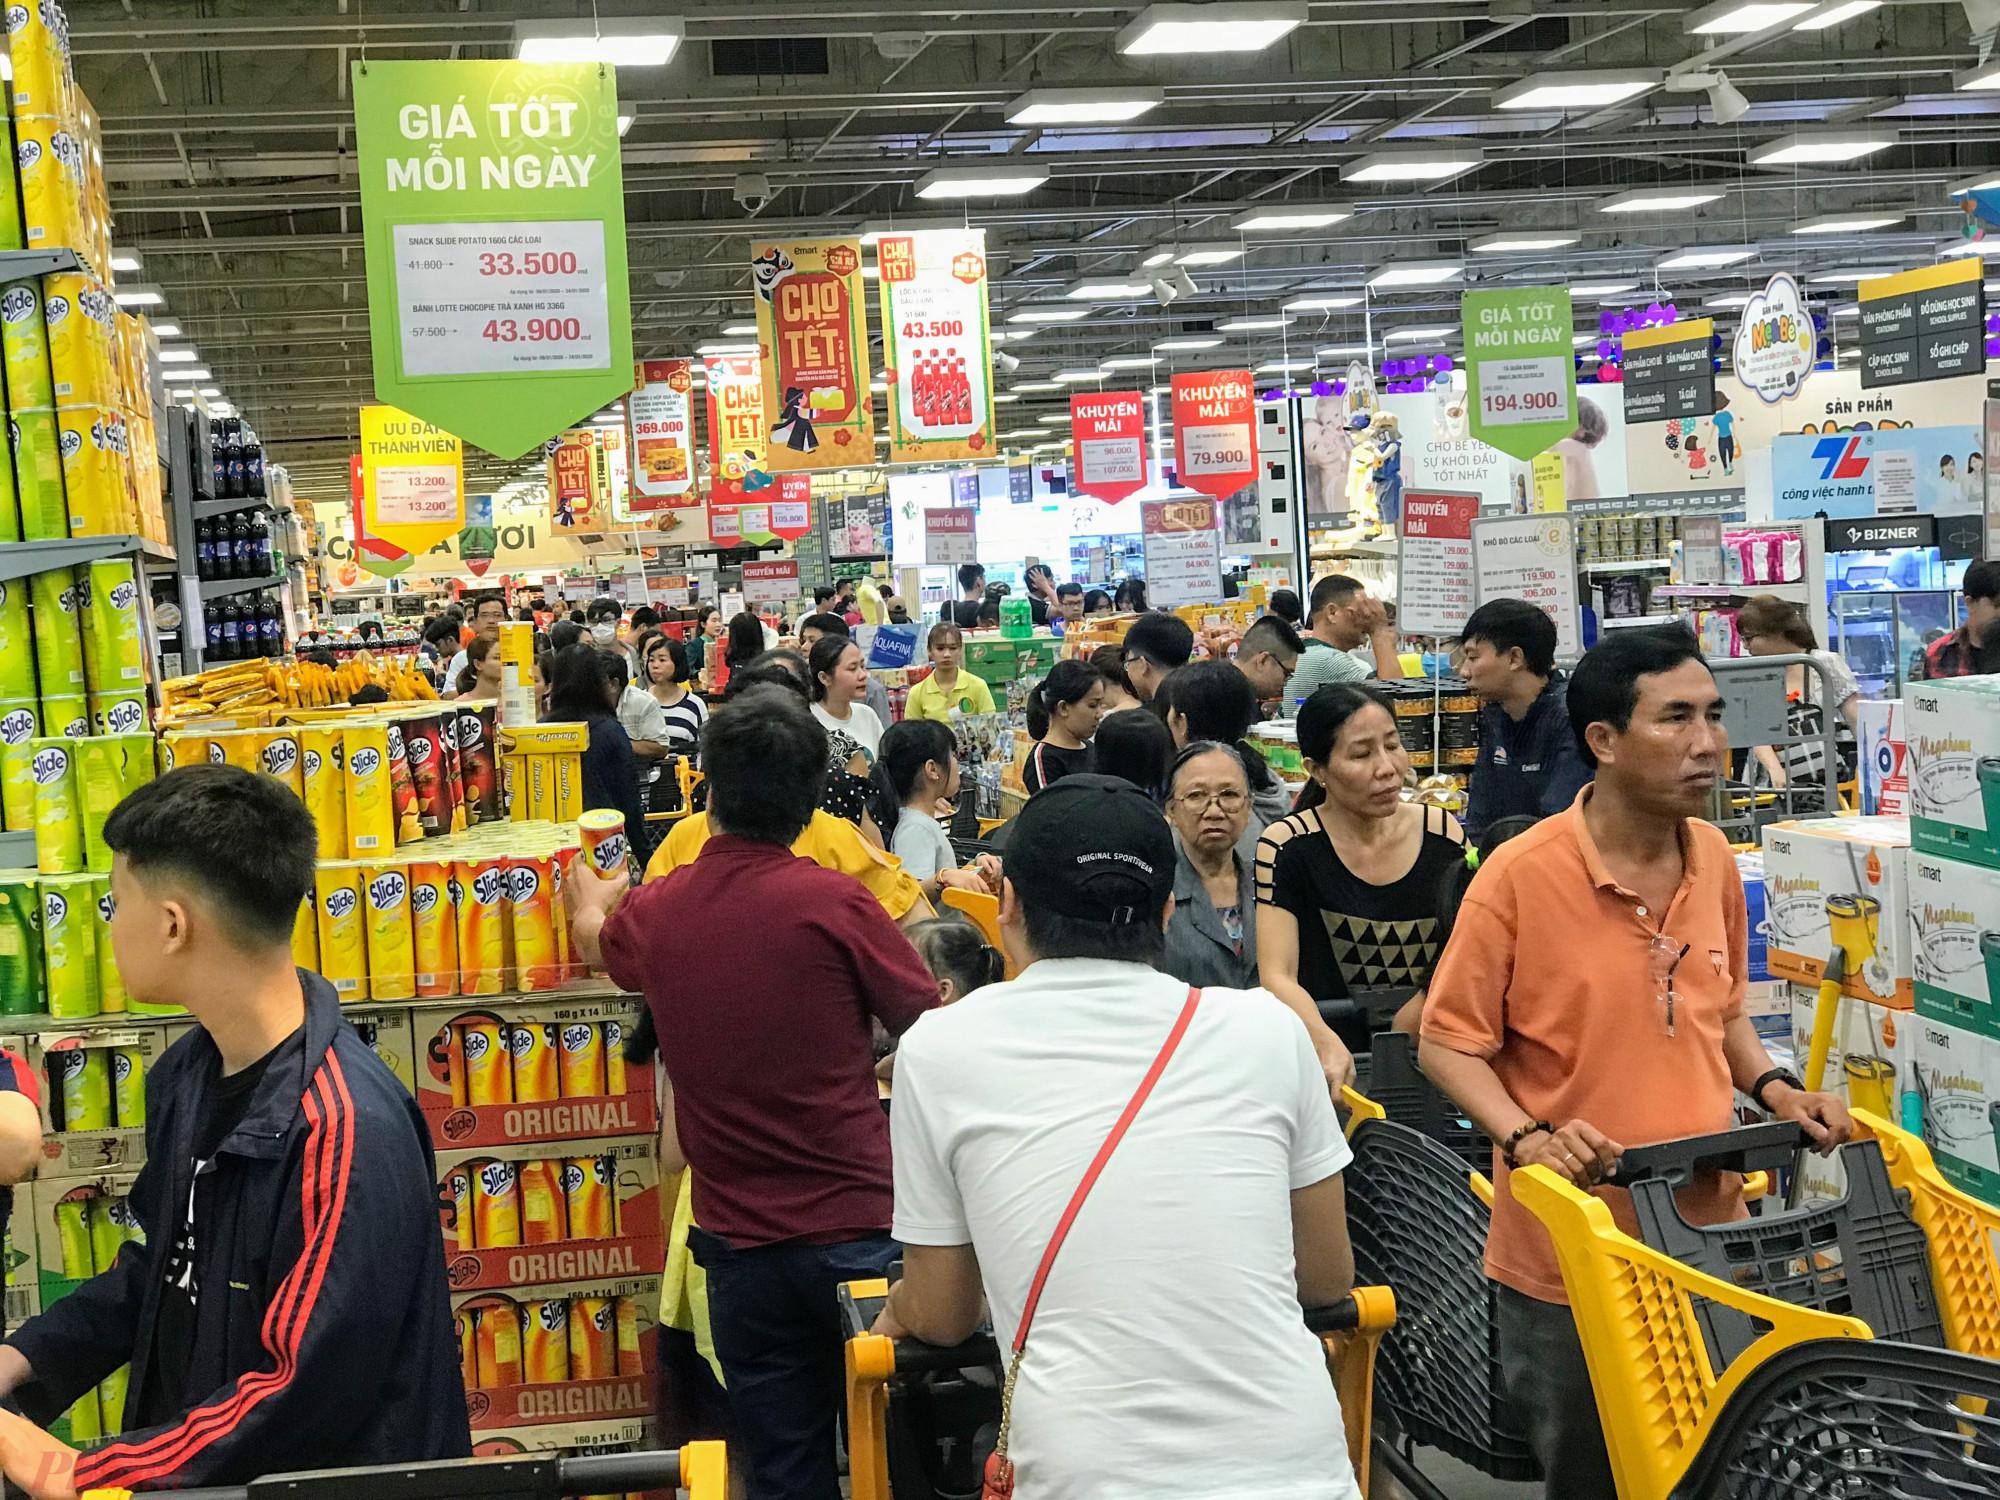 Ghi nhận của phóng viên chiều 20/1 (26 Âm lịch) tại nhiều siêu thị TPHCM khách đổ xô mua sắm khá đông, tập trung nhiều ở các quầy thực phẩm, bánh mứt, gia vị, bia, nước ngọt, quần áo,...